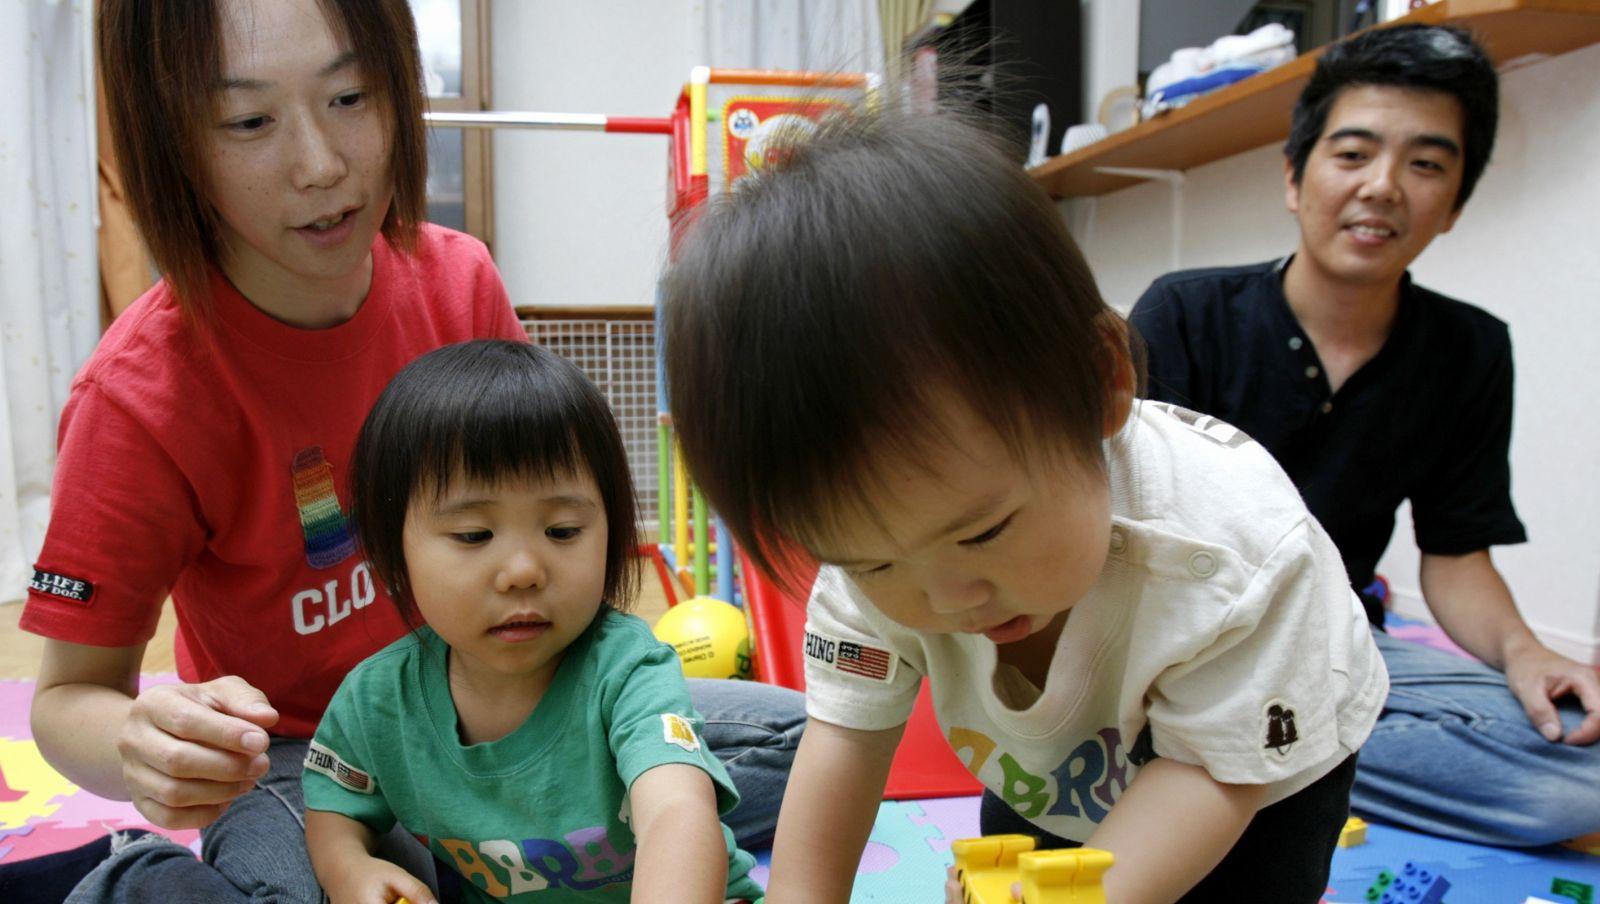 日本女性結婚後,多會成為全職主婦,專心照顧家庭,仰賴丈夫賺錢養家。所以老公想要辭職創業,老婆為保生活安穩,自然投反對票。 圖片來源:路透社